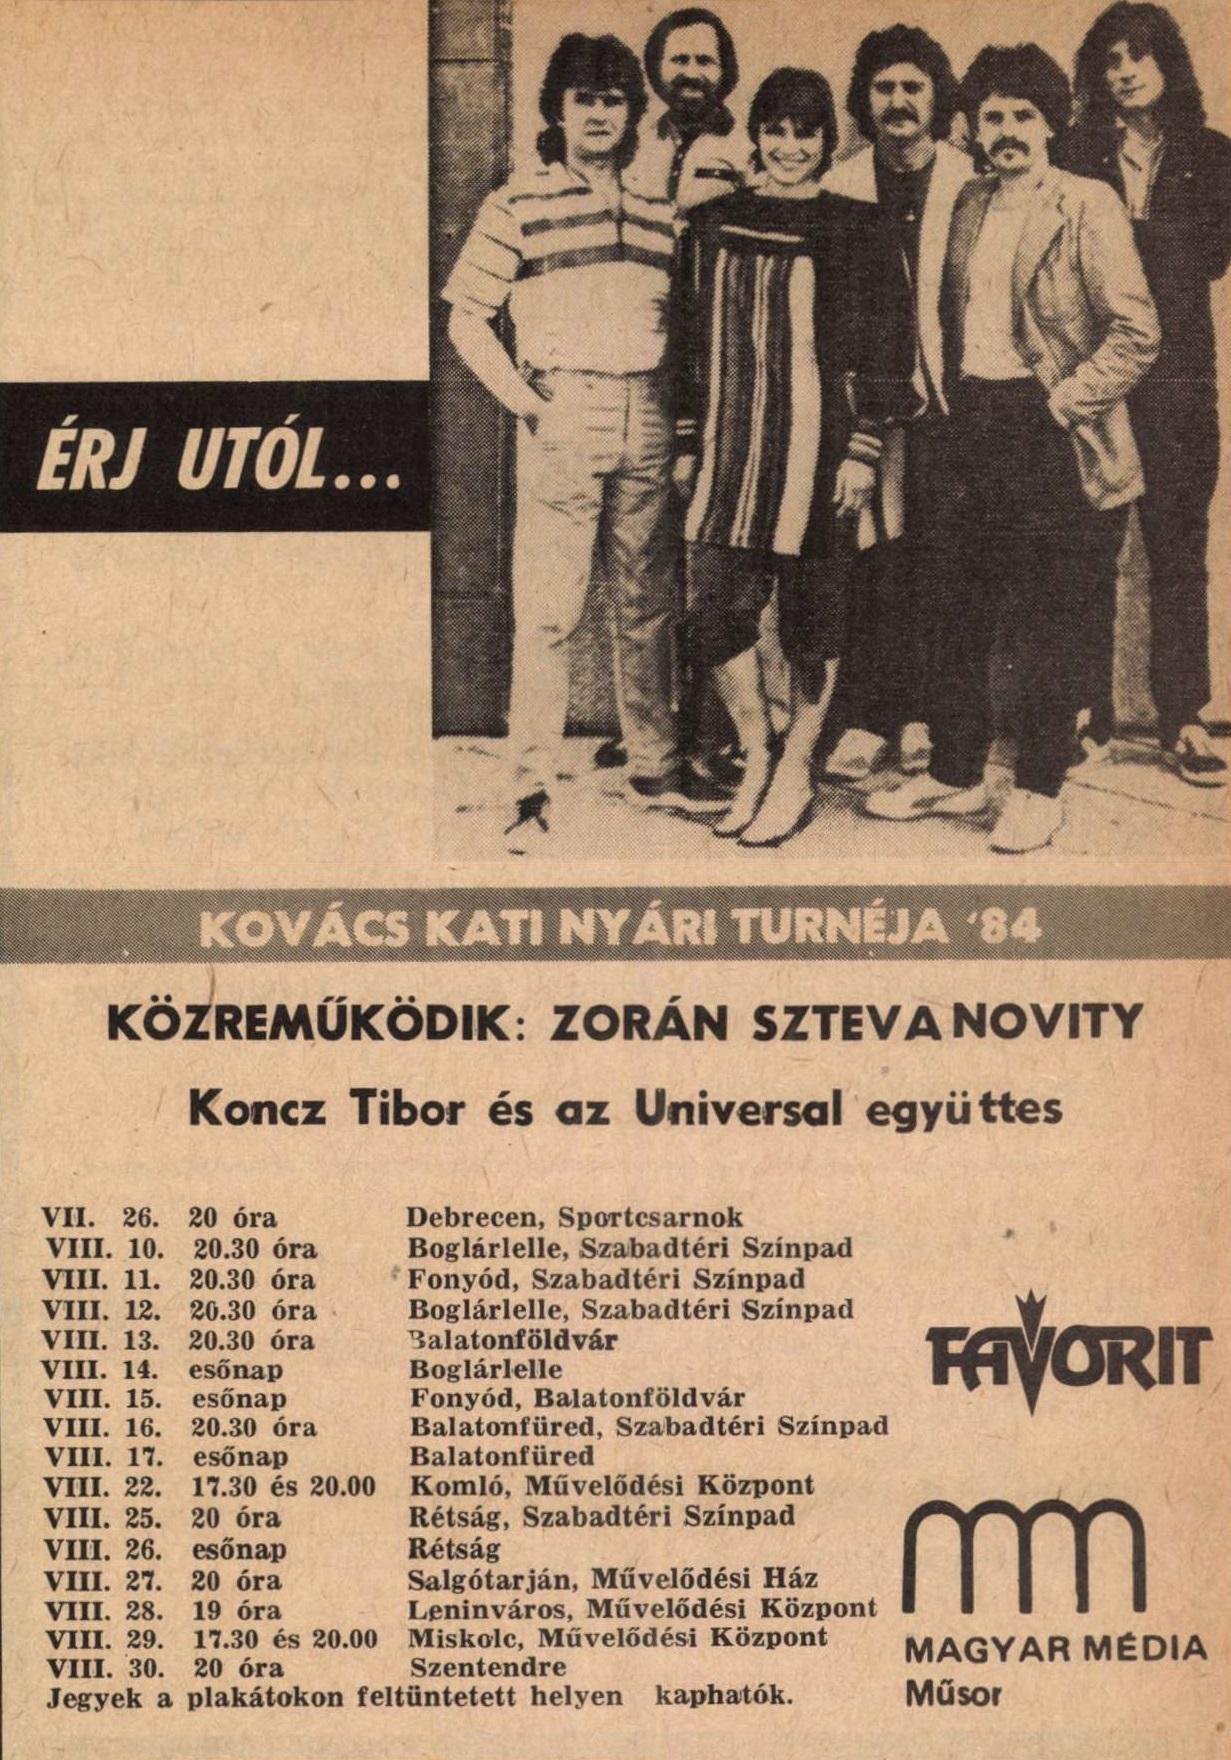 idokapszula_nb_i_1983_84_tavaszi_zaras_merlegen_a_felsohaz_kovacs_kati_erj_utol.jpg